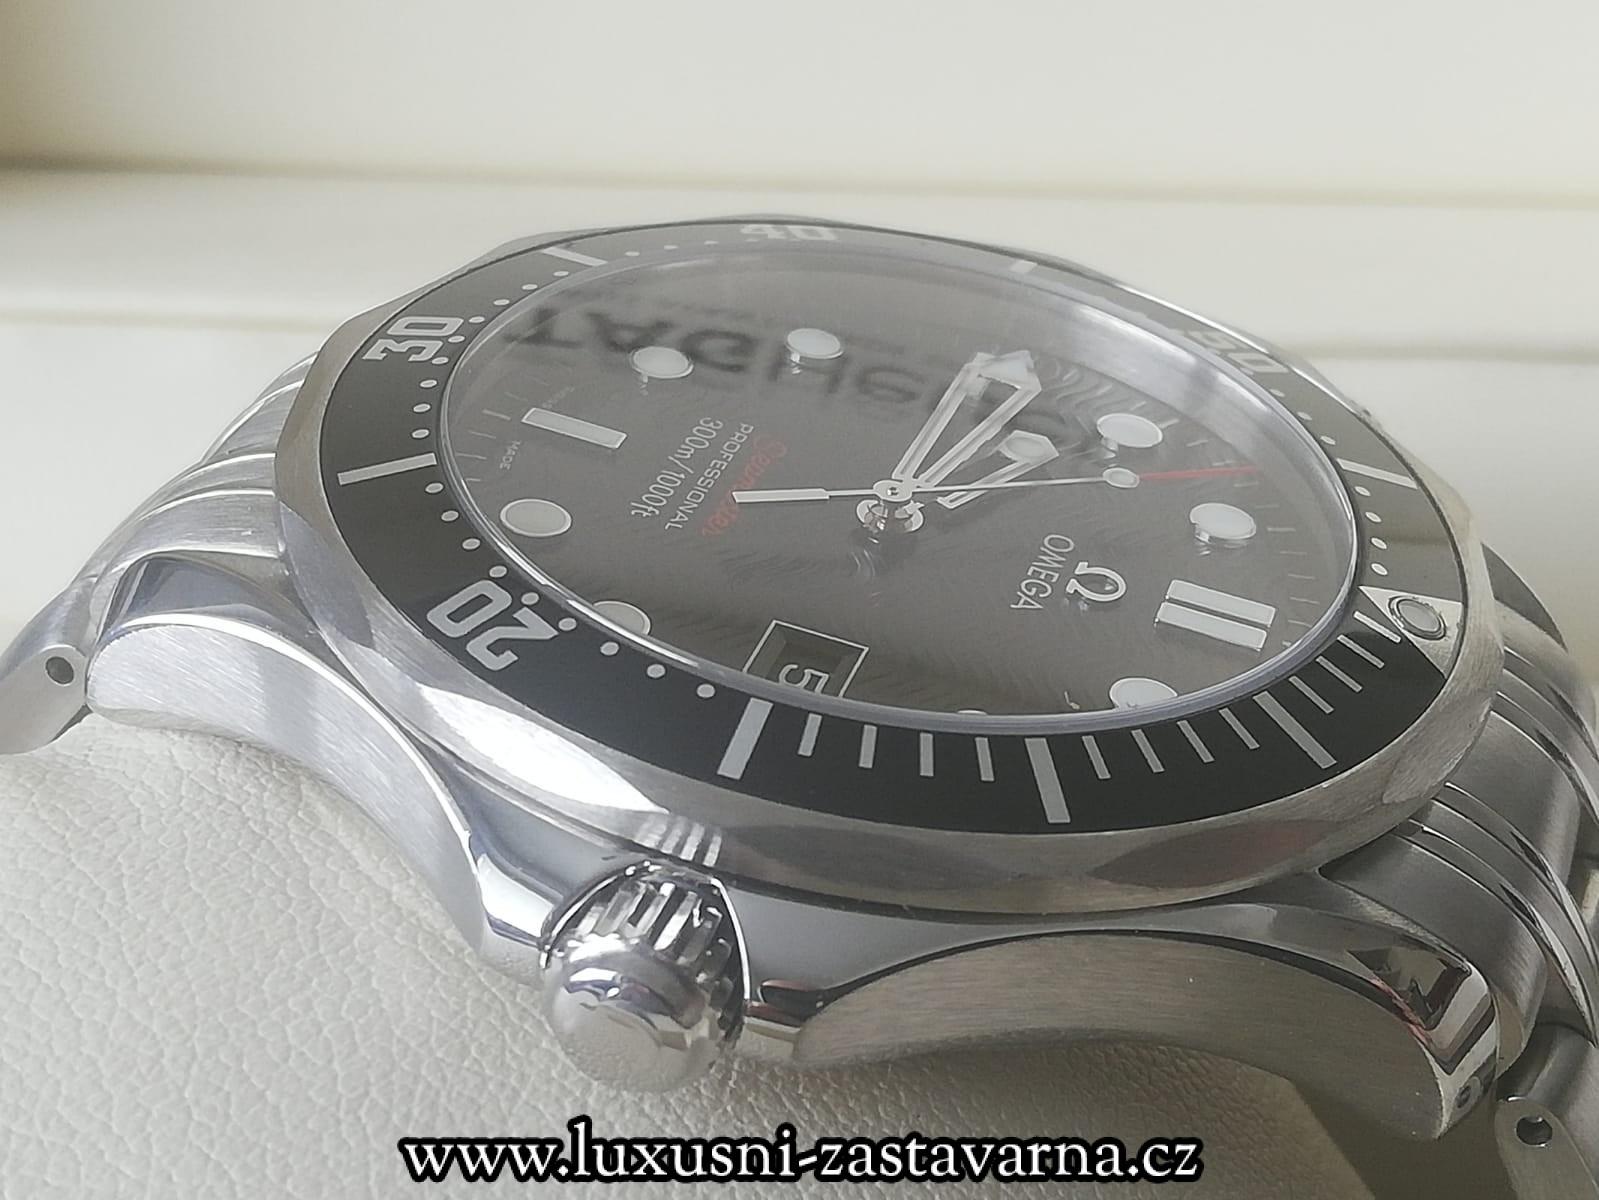 Omega_Seamaster_Diver_300_M_002